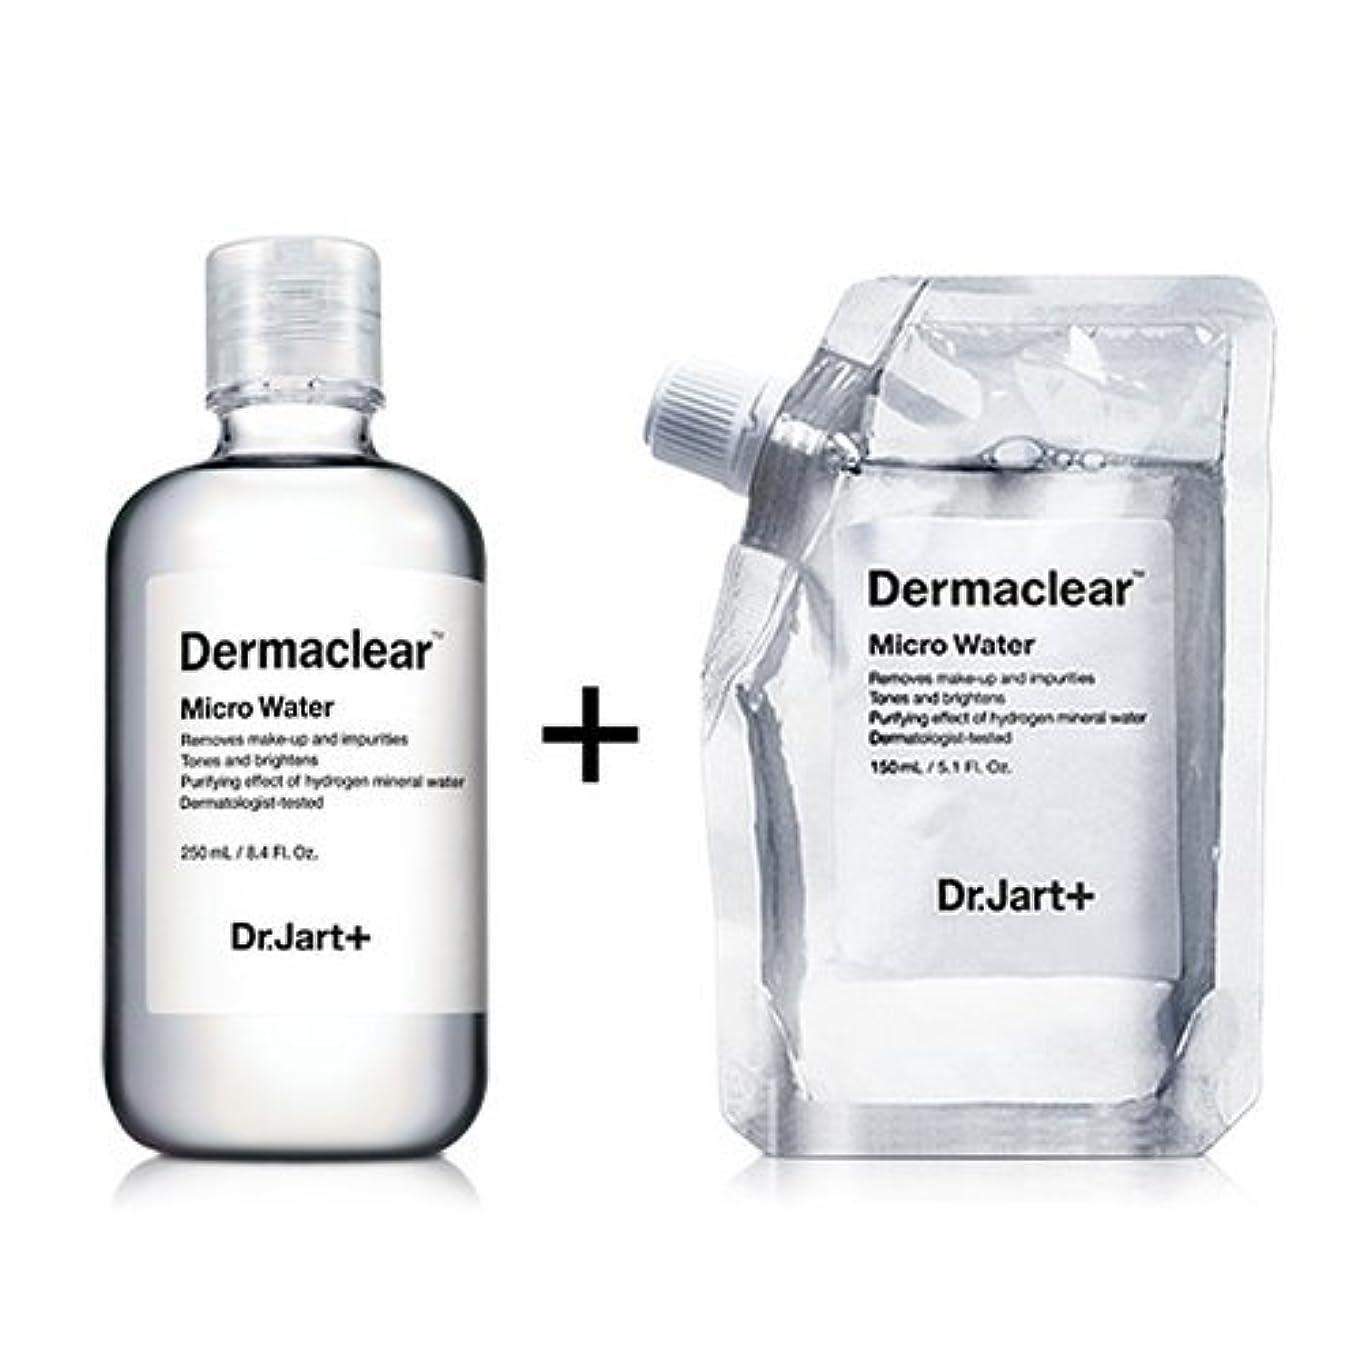 ジョイント国旗匿名ドクタージャルト[韓国コスメ Dr.Jart+]ダーマクリア マイクロ ウォーター250ml+150ml(リフィル) [Dr.Jart+]Dermaclear Micro Water (250ml+150ml)